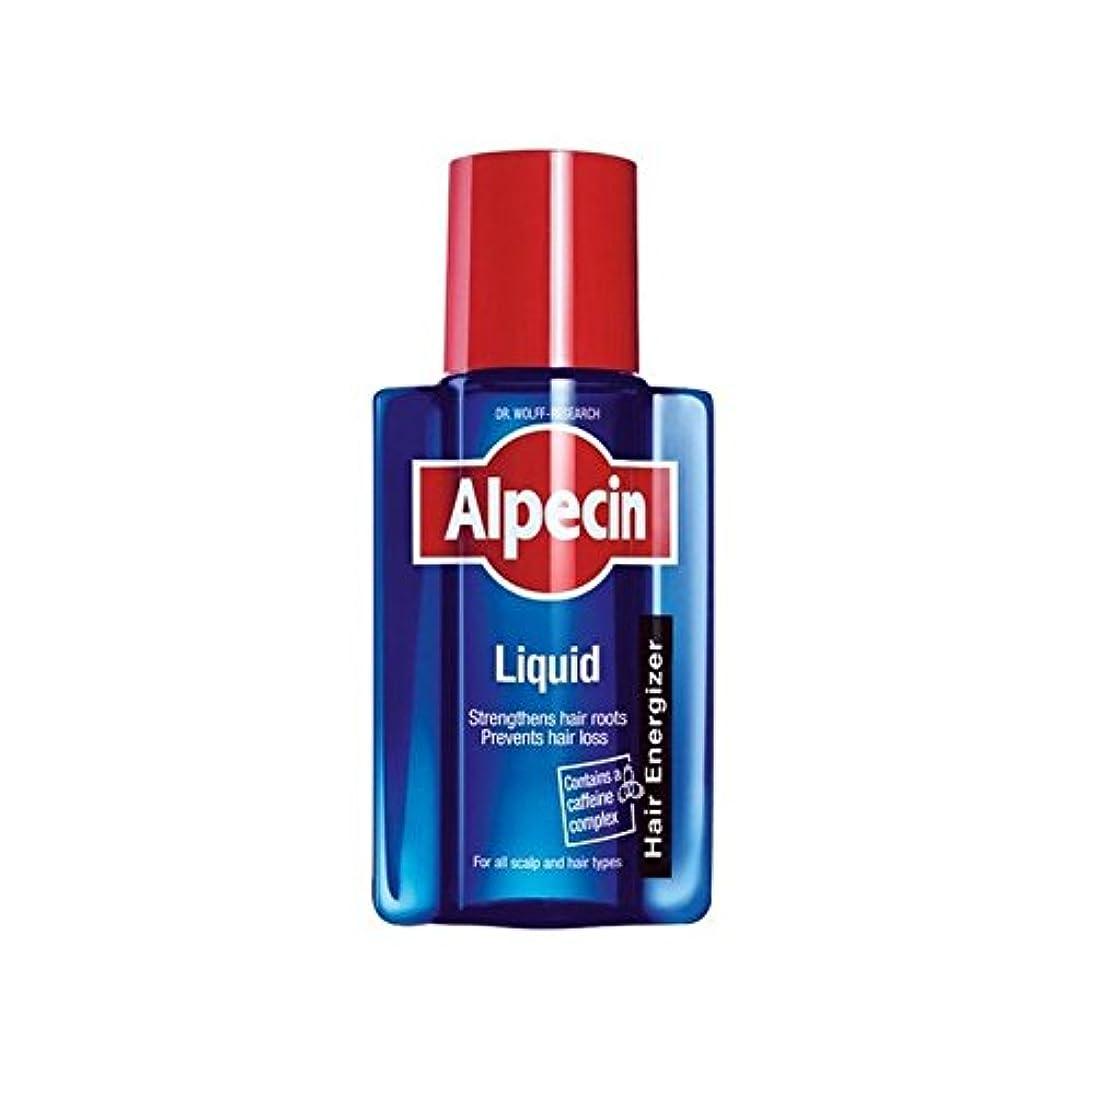 本を読む描く付録液体(200)中 x2 - Alpecin Liquid (200ml) (Pack of 2) [並行輸入品]